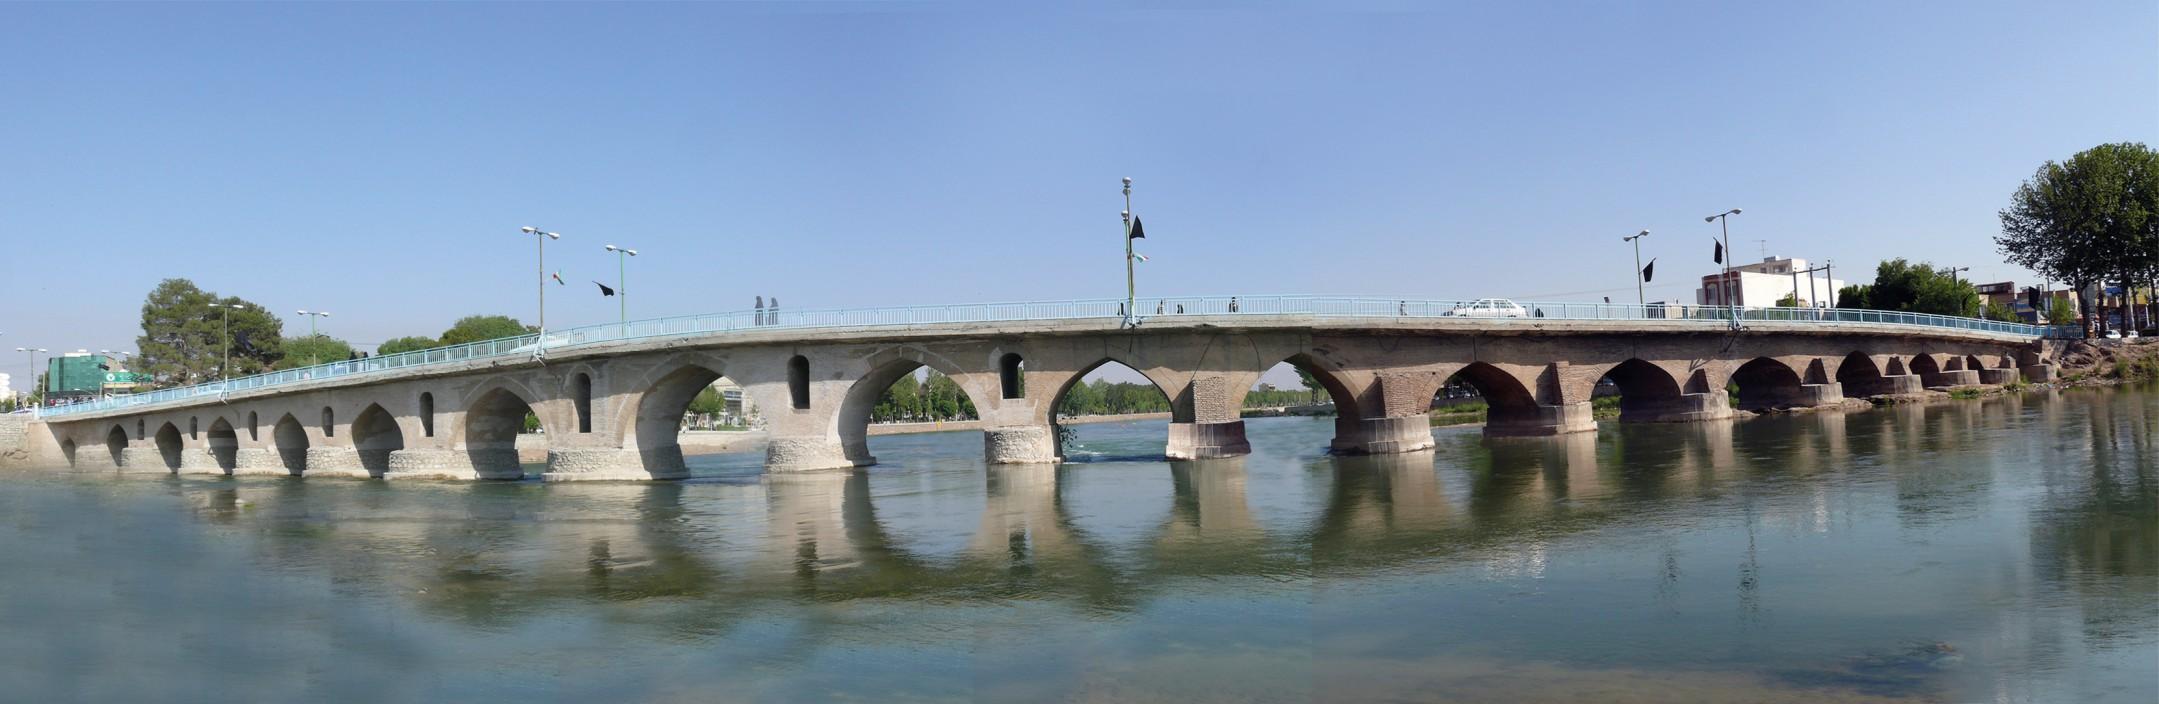 پل تاریخی فلاورجان، تنها پل دوقوسی بر روی زاینده رود